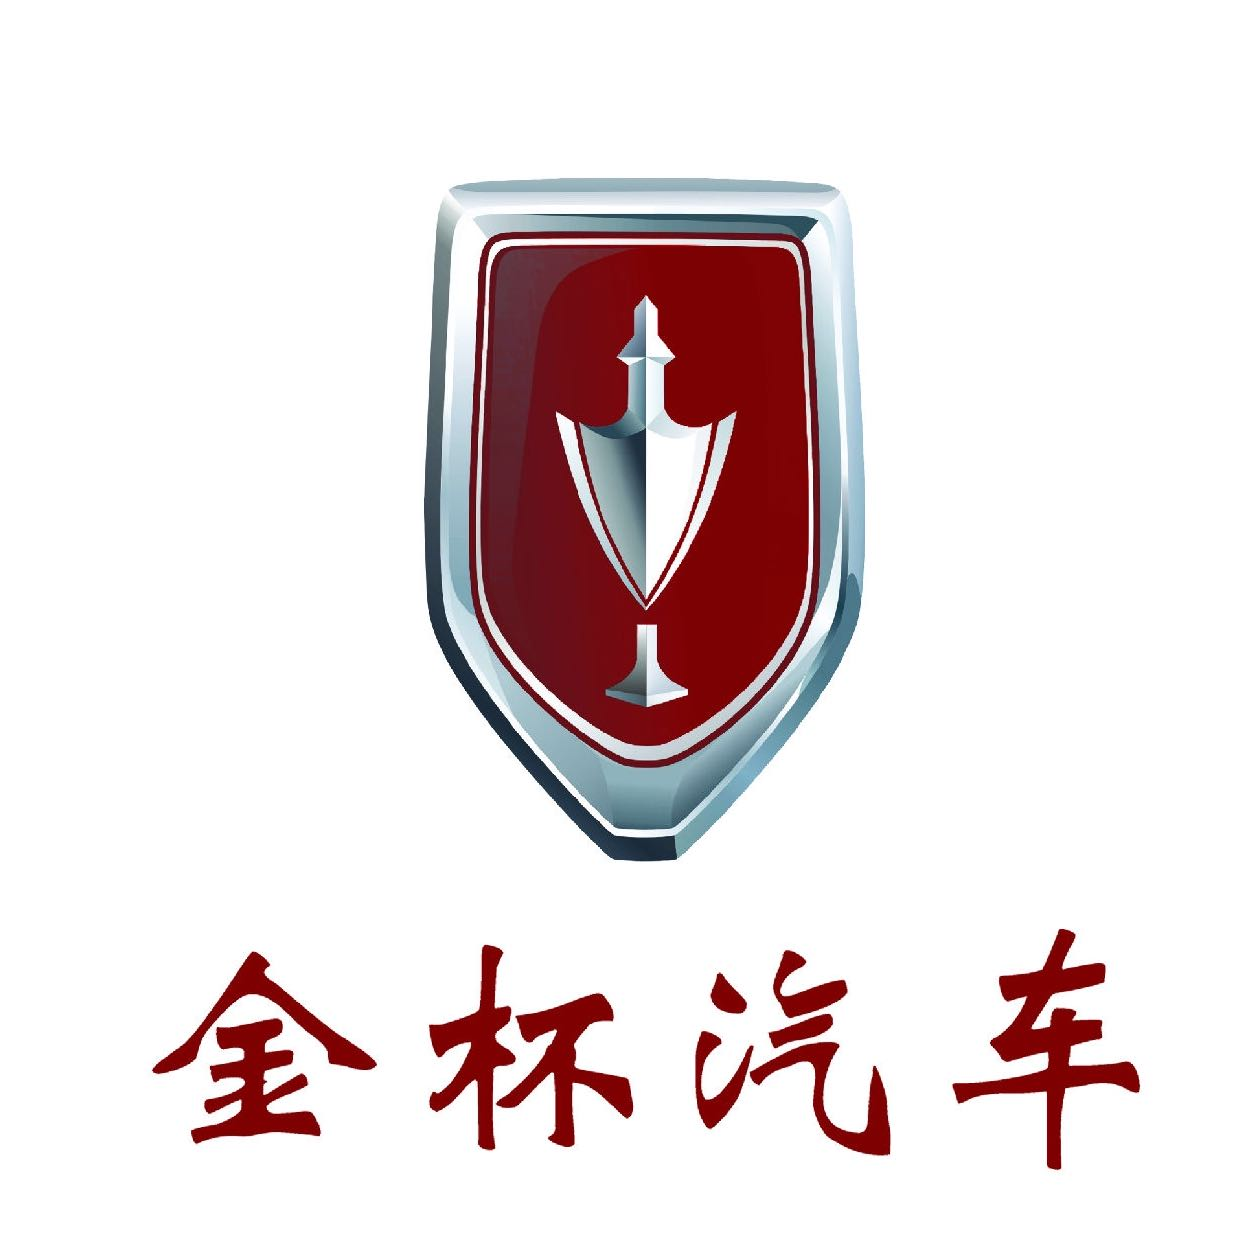 内江和泰汽车销售有限公司